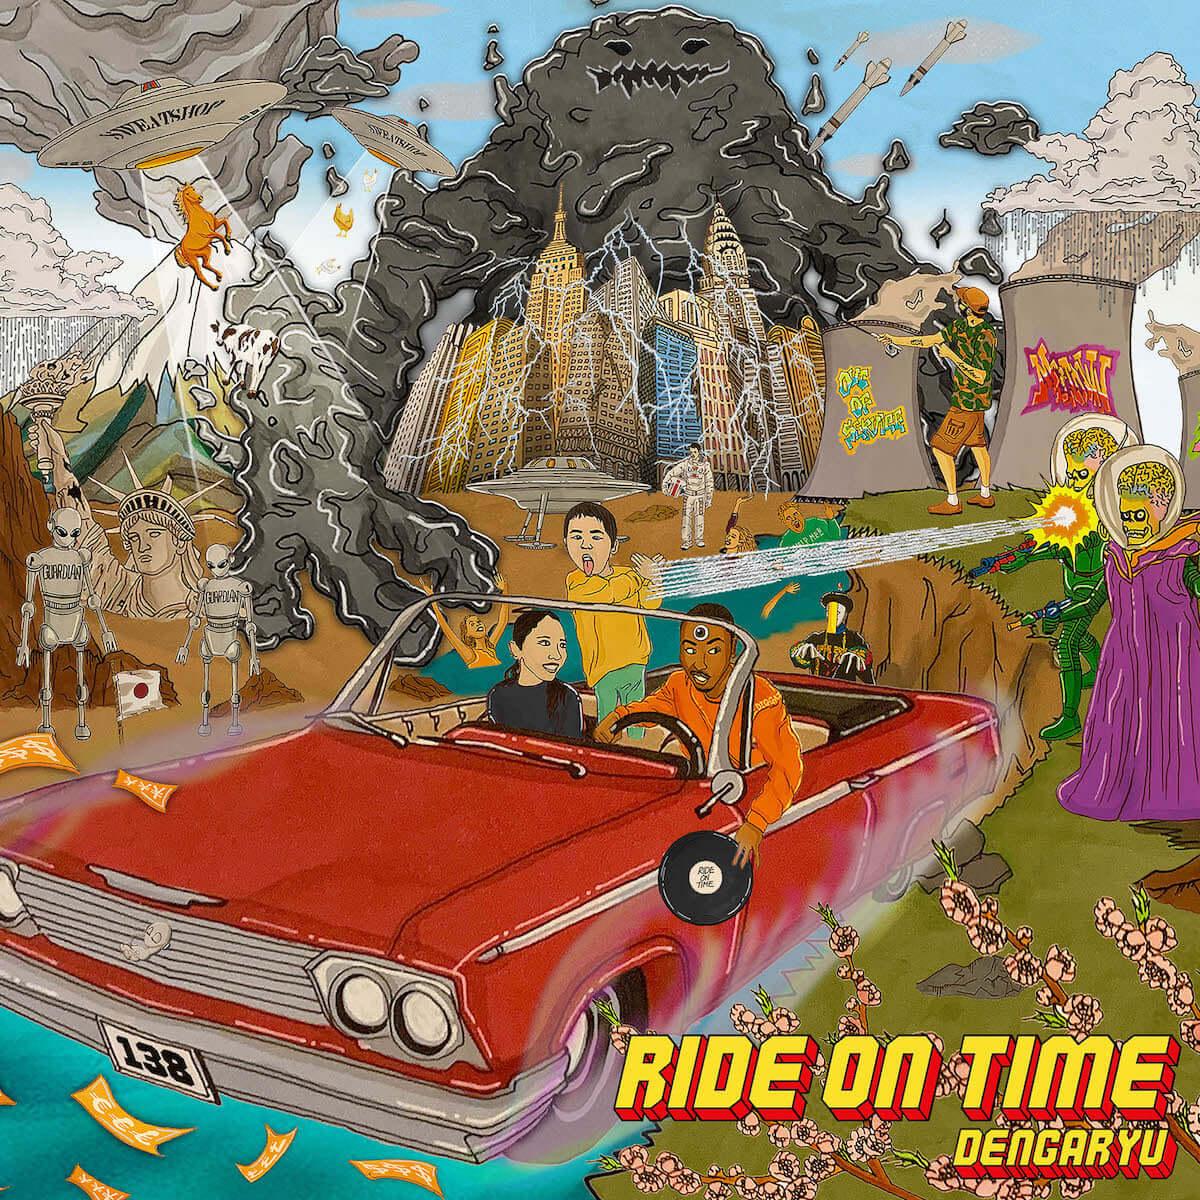 田我流がサード・アルバム『Ride On Time』を4月24日にリリース|プロデュースにVaVa、EVISBEATSらが参加 music190325_dengaryu_1-1200x1200